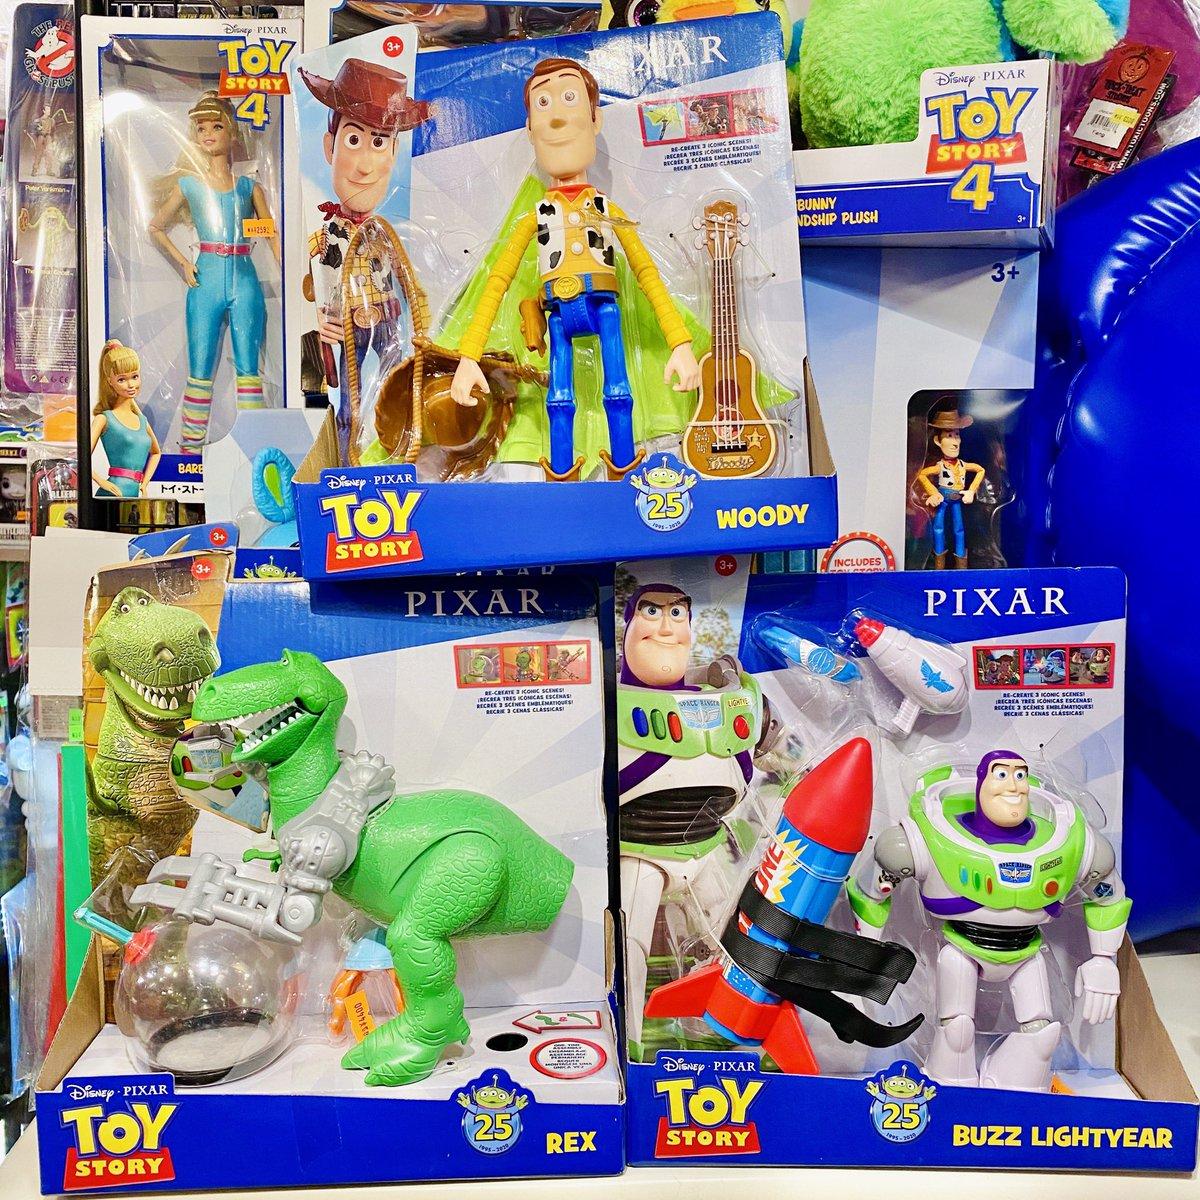 TOY STORY☁️ トイストーリー☁️☁️ 25周年記念のフィギュアも色々と新入荷や再入荷しました✨  店頭にはギュンギュン陳列できました🙌🏻 ネットショップにはまだ出せていません🙏🏻💦  ご注文やお問い合わせはDMやメールにてお気軽にご連絡ください💌  #トイストーリー #バズ #ウッディ #レックス #toystory https://t.co/wWULMoGCpZ